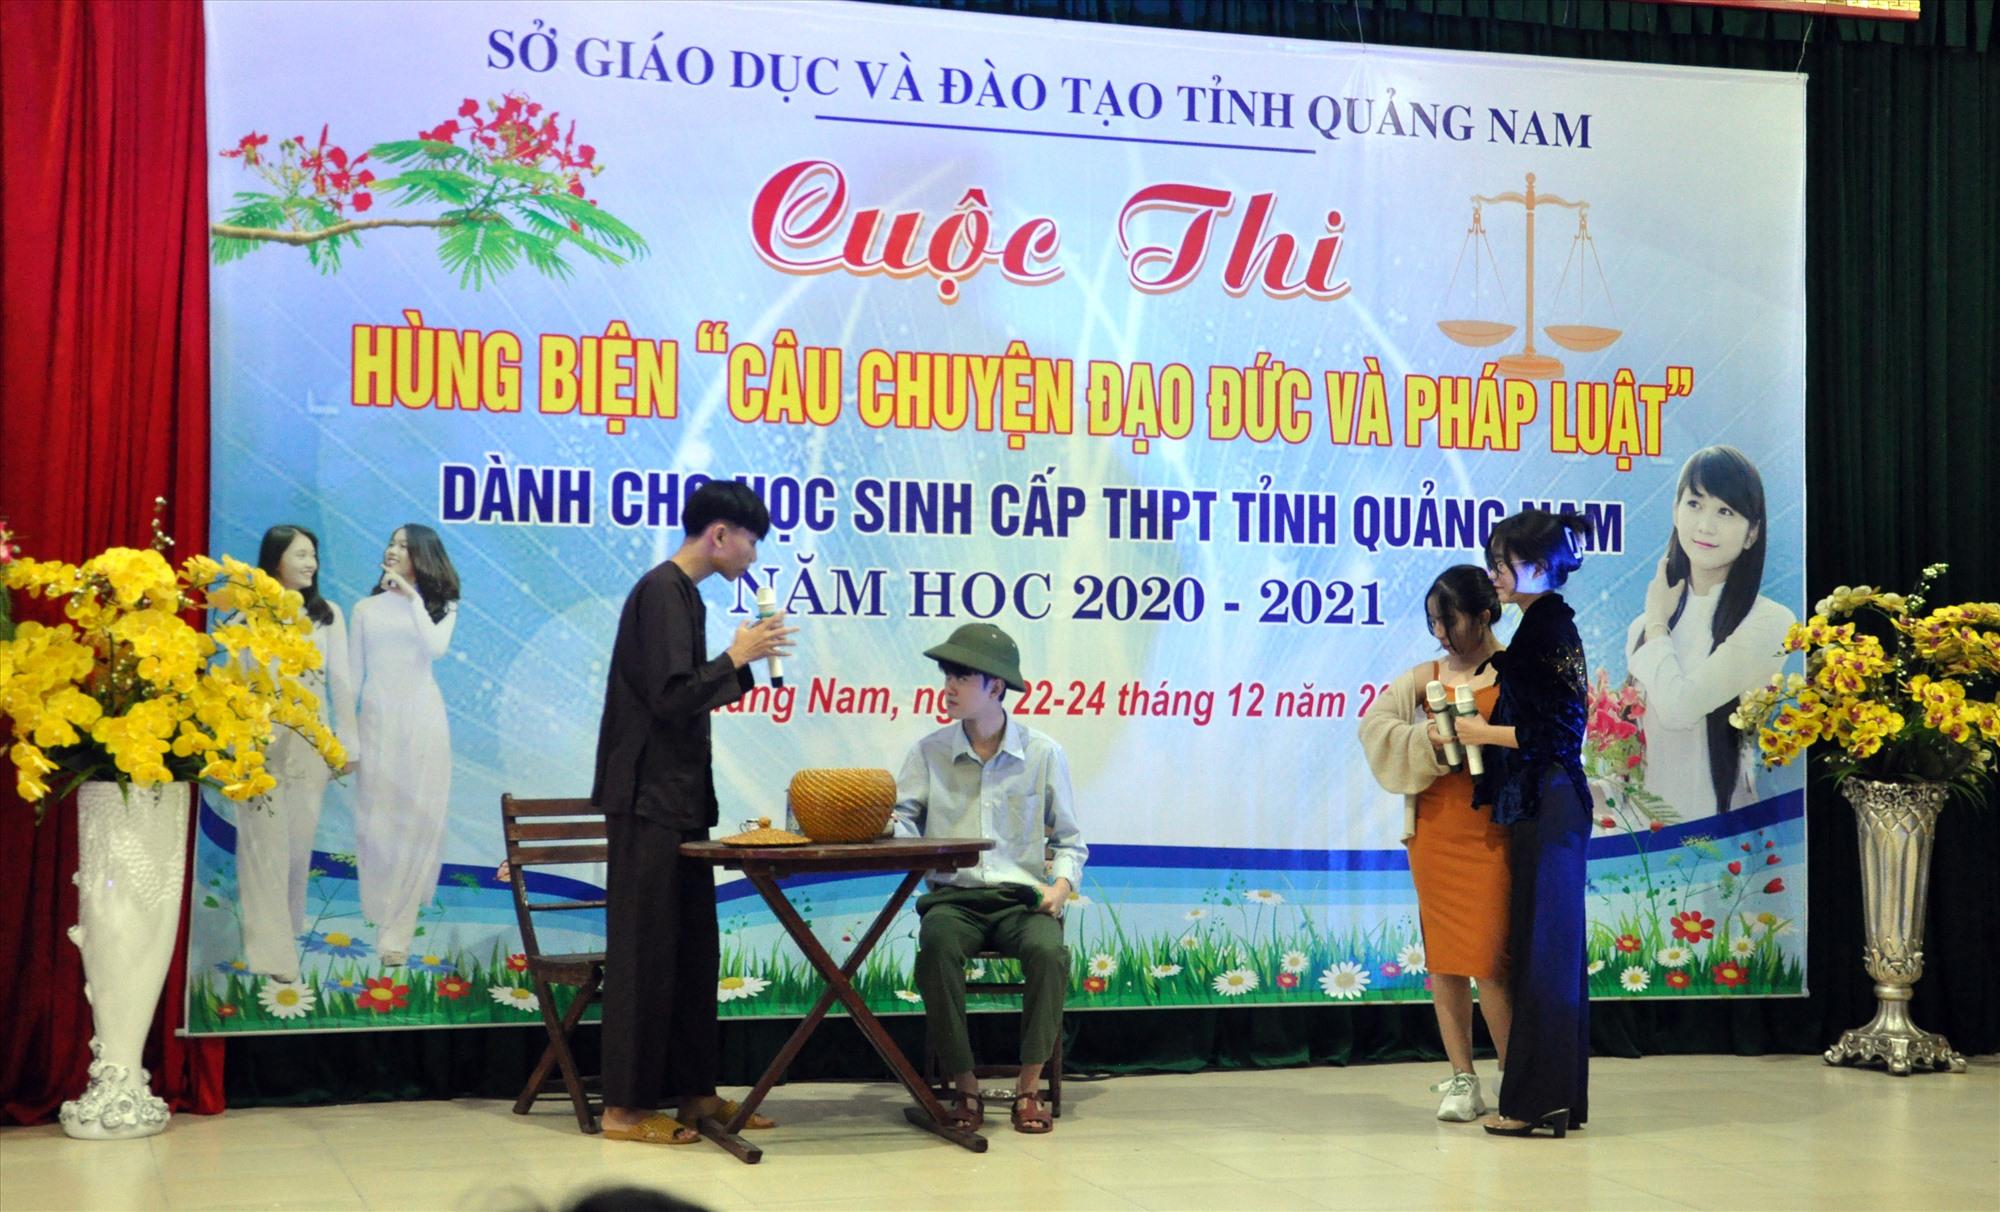 Ngành GD-ĐT đã tổ chức nhiều hoạt động thiết thực, giúp học sinh phát triển kỹ năng và áp dụng các kiến thức đã học vào đời sống. Ảnh: T.VY